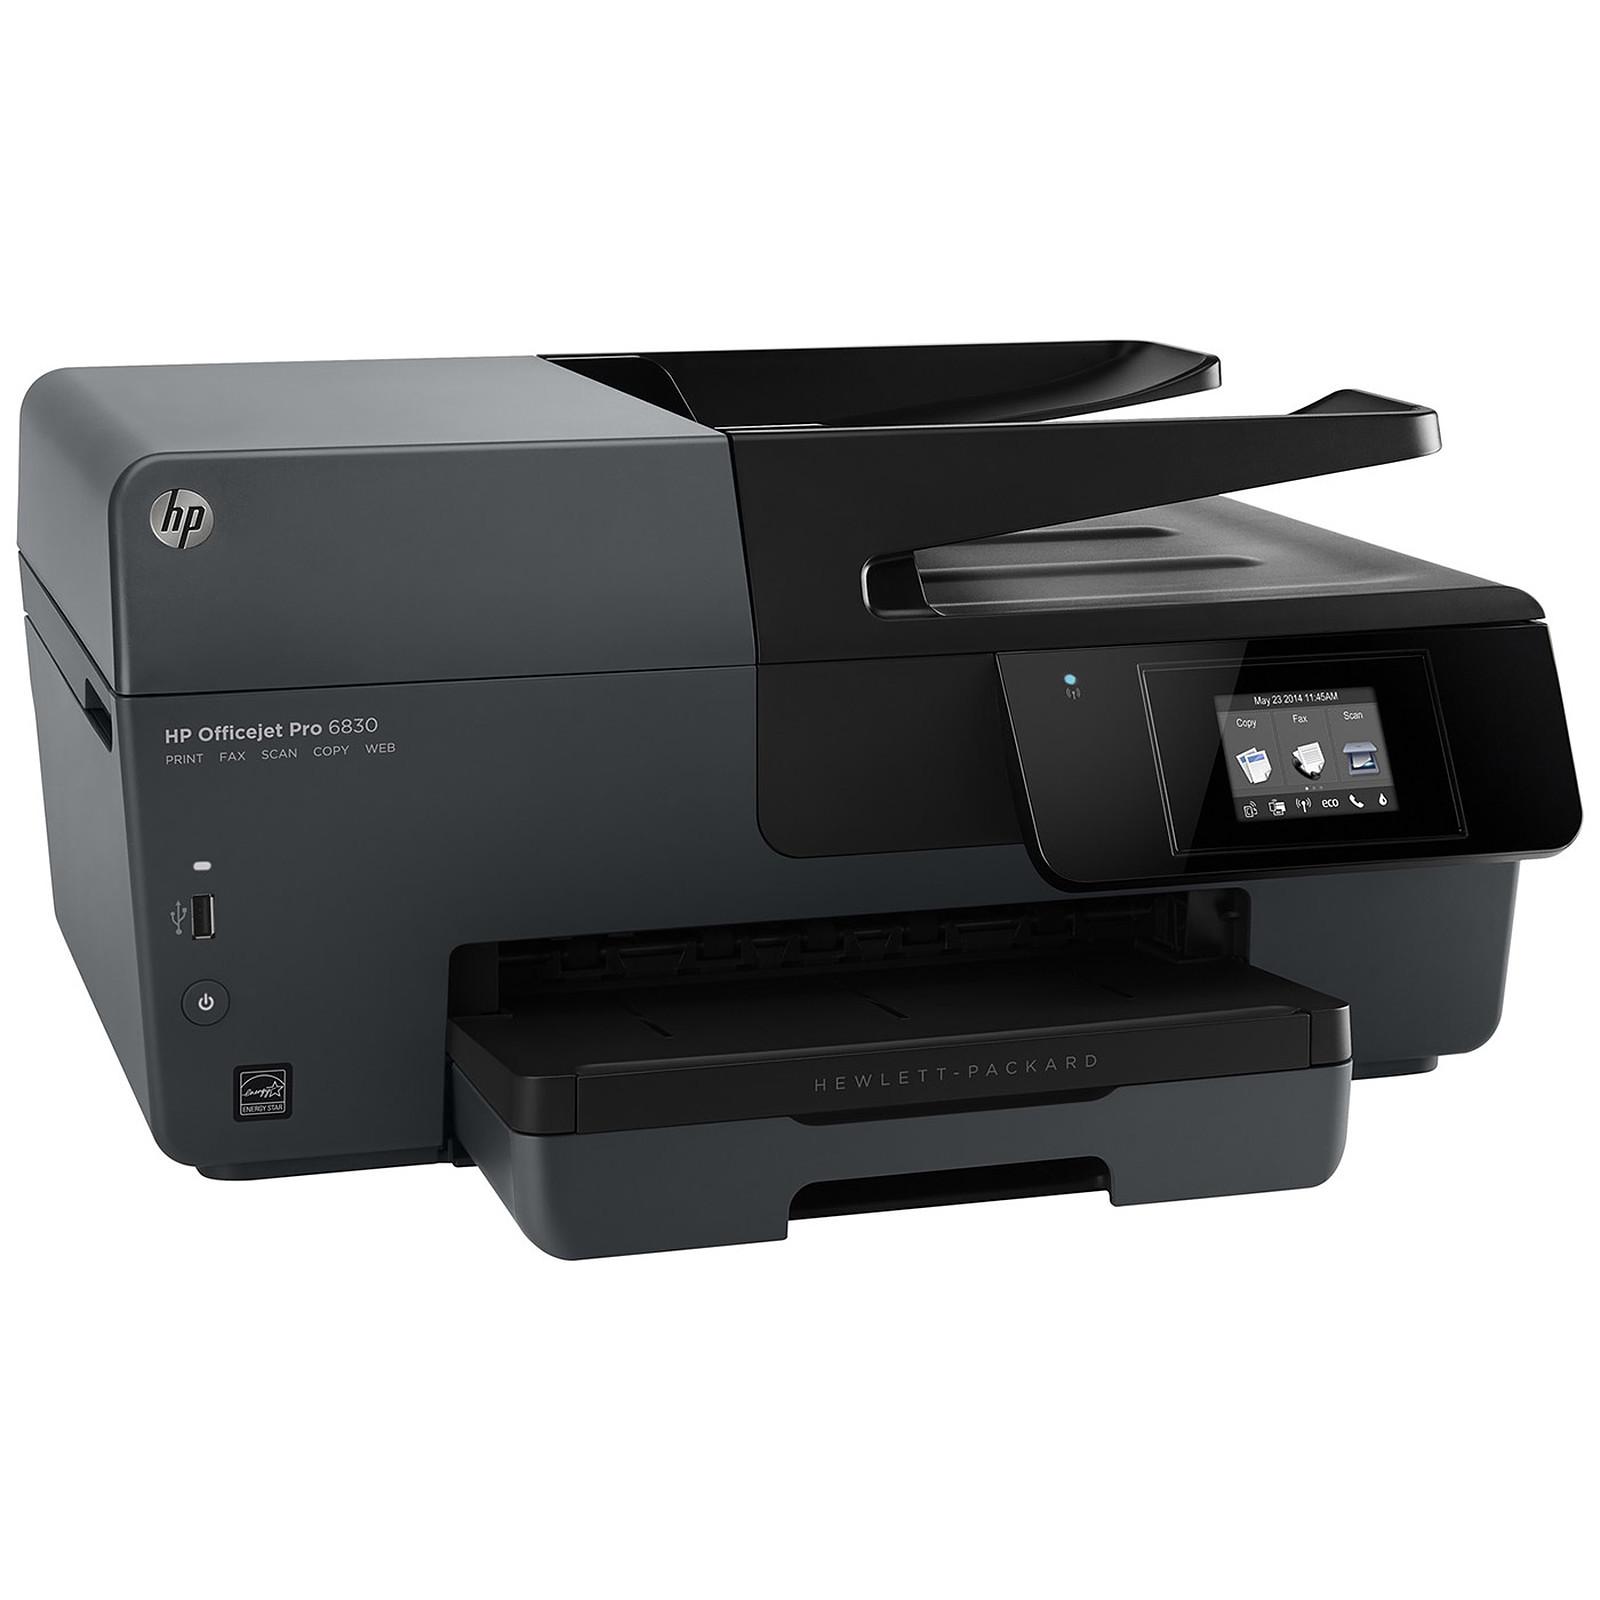 HP Officejet Pro 6830 eAll-in-One (E3E02A)